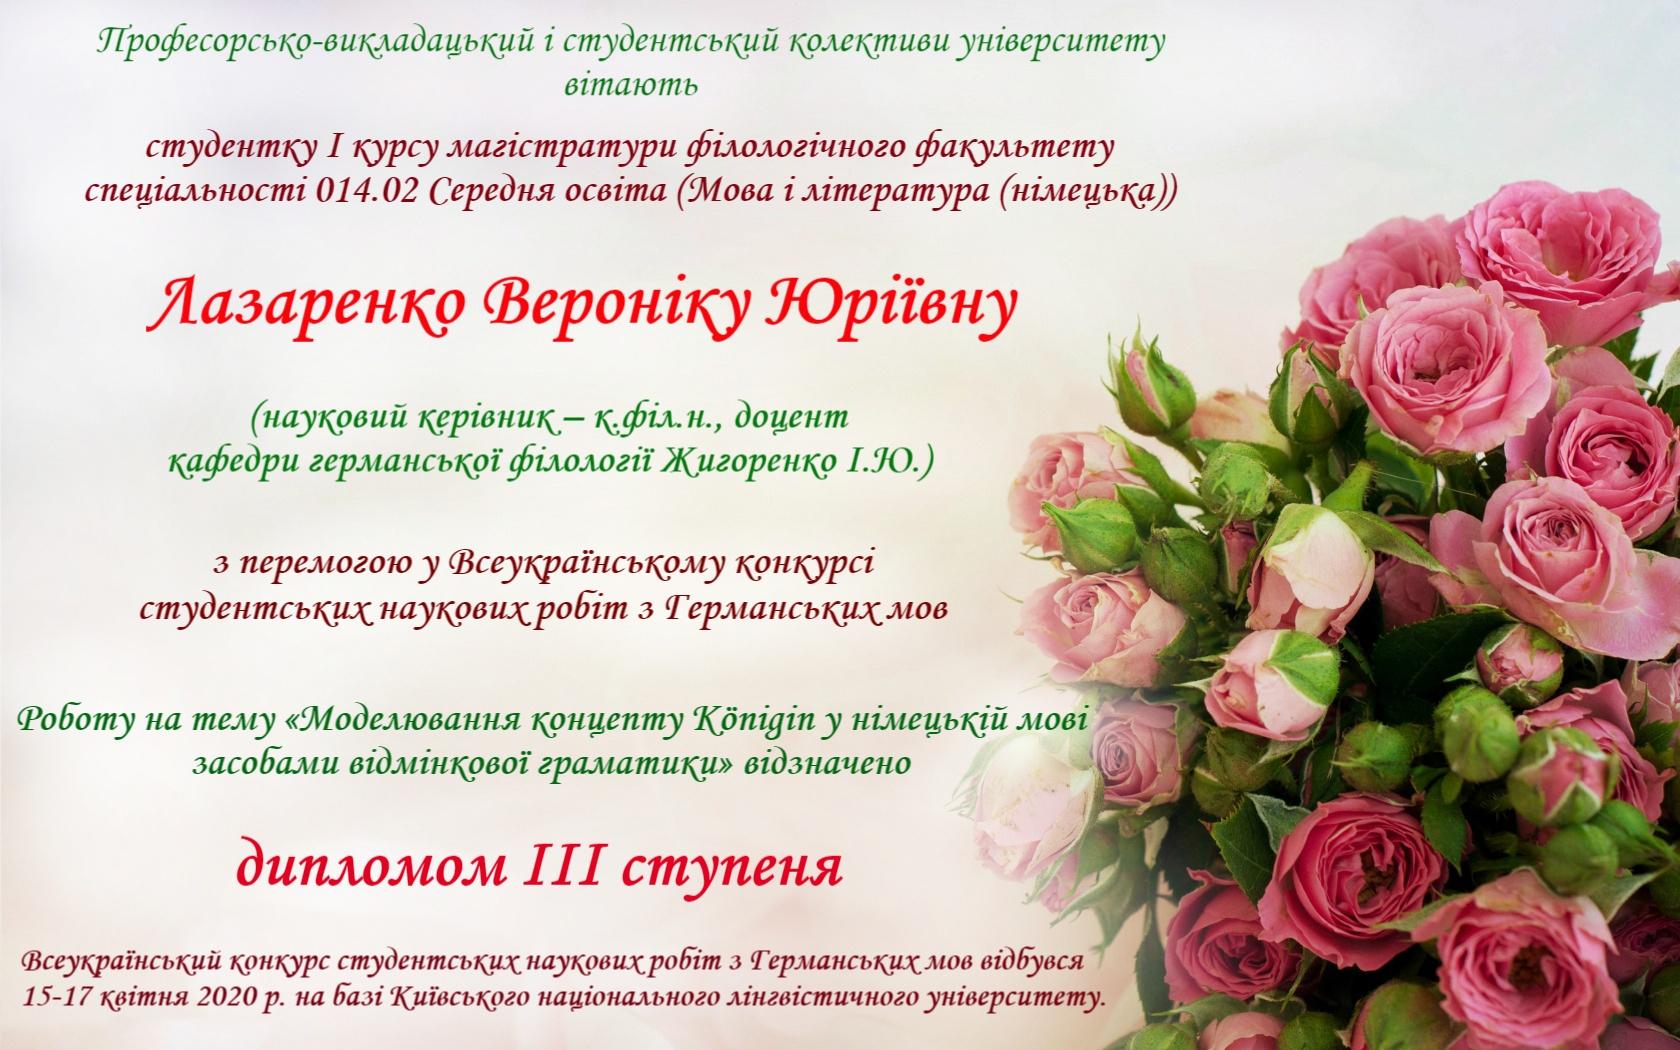 Вітаємо з перемогою у Всеукраїнському конкурсі студентських наукових робіт з Германських мов